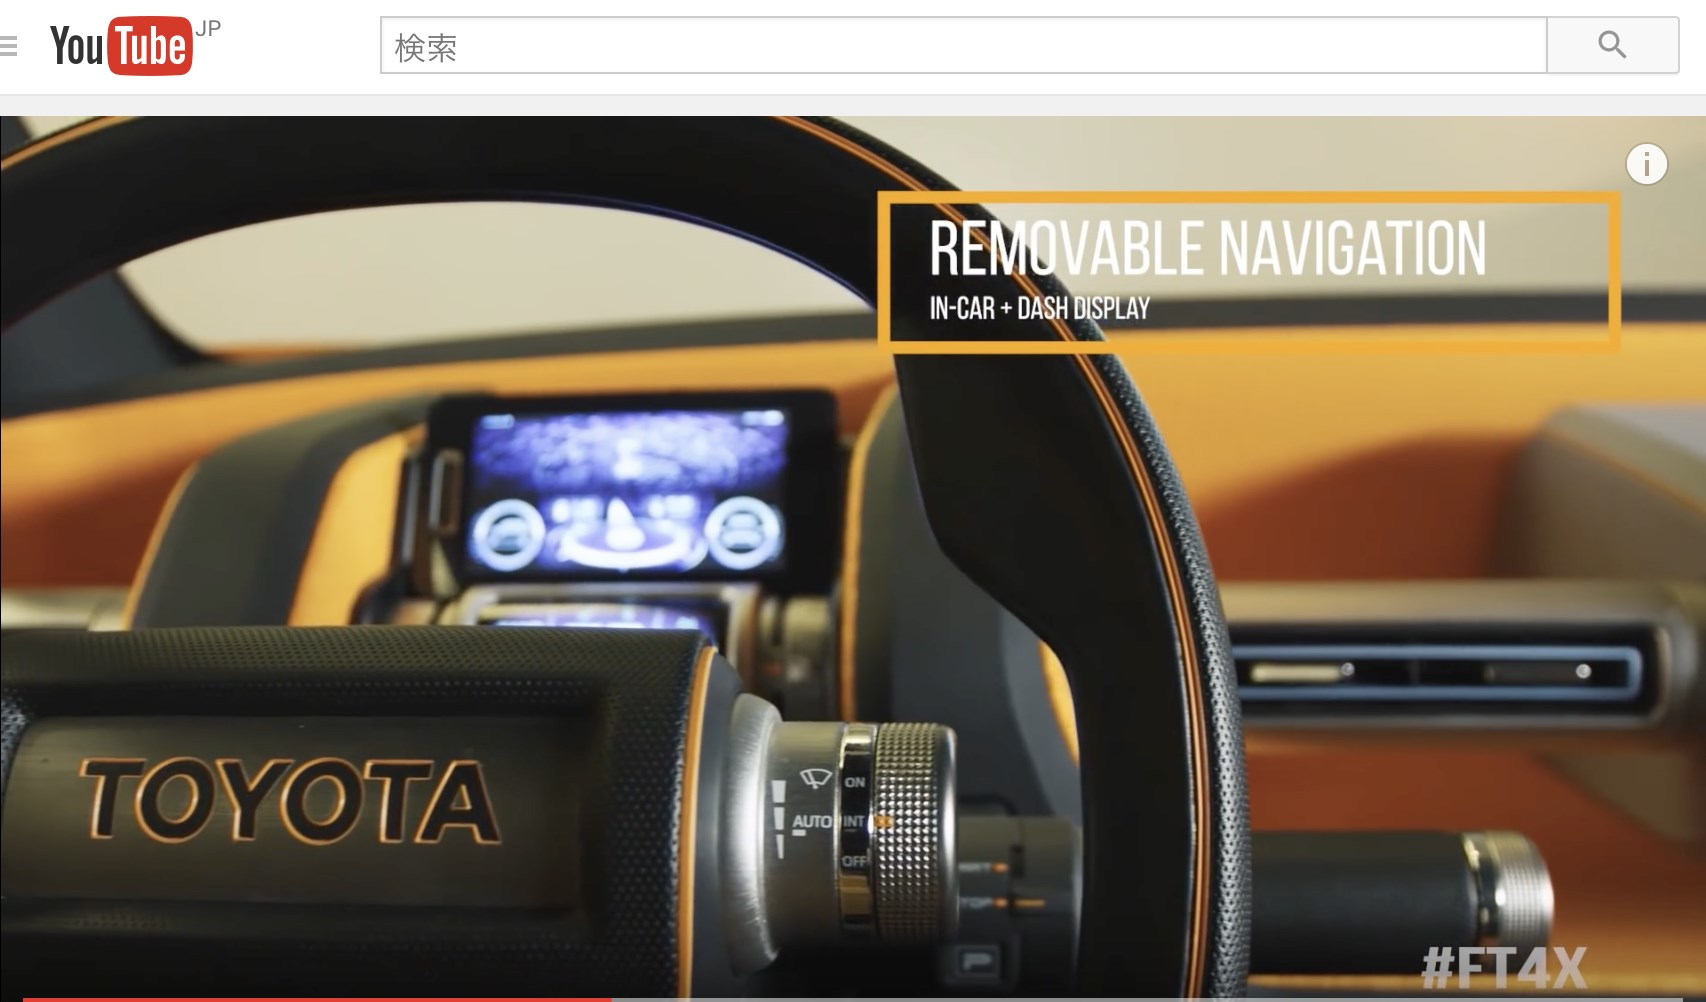 トヨタ FT-4Xが50秒でわかる動画 アウトドアに便利な装備がたくさん